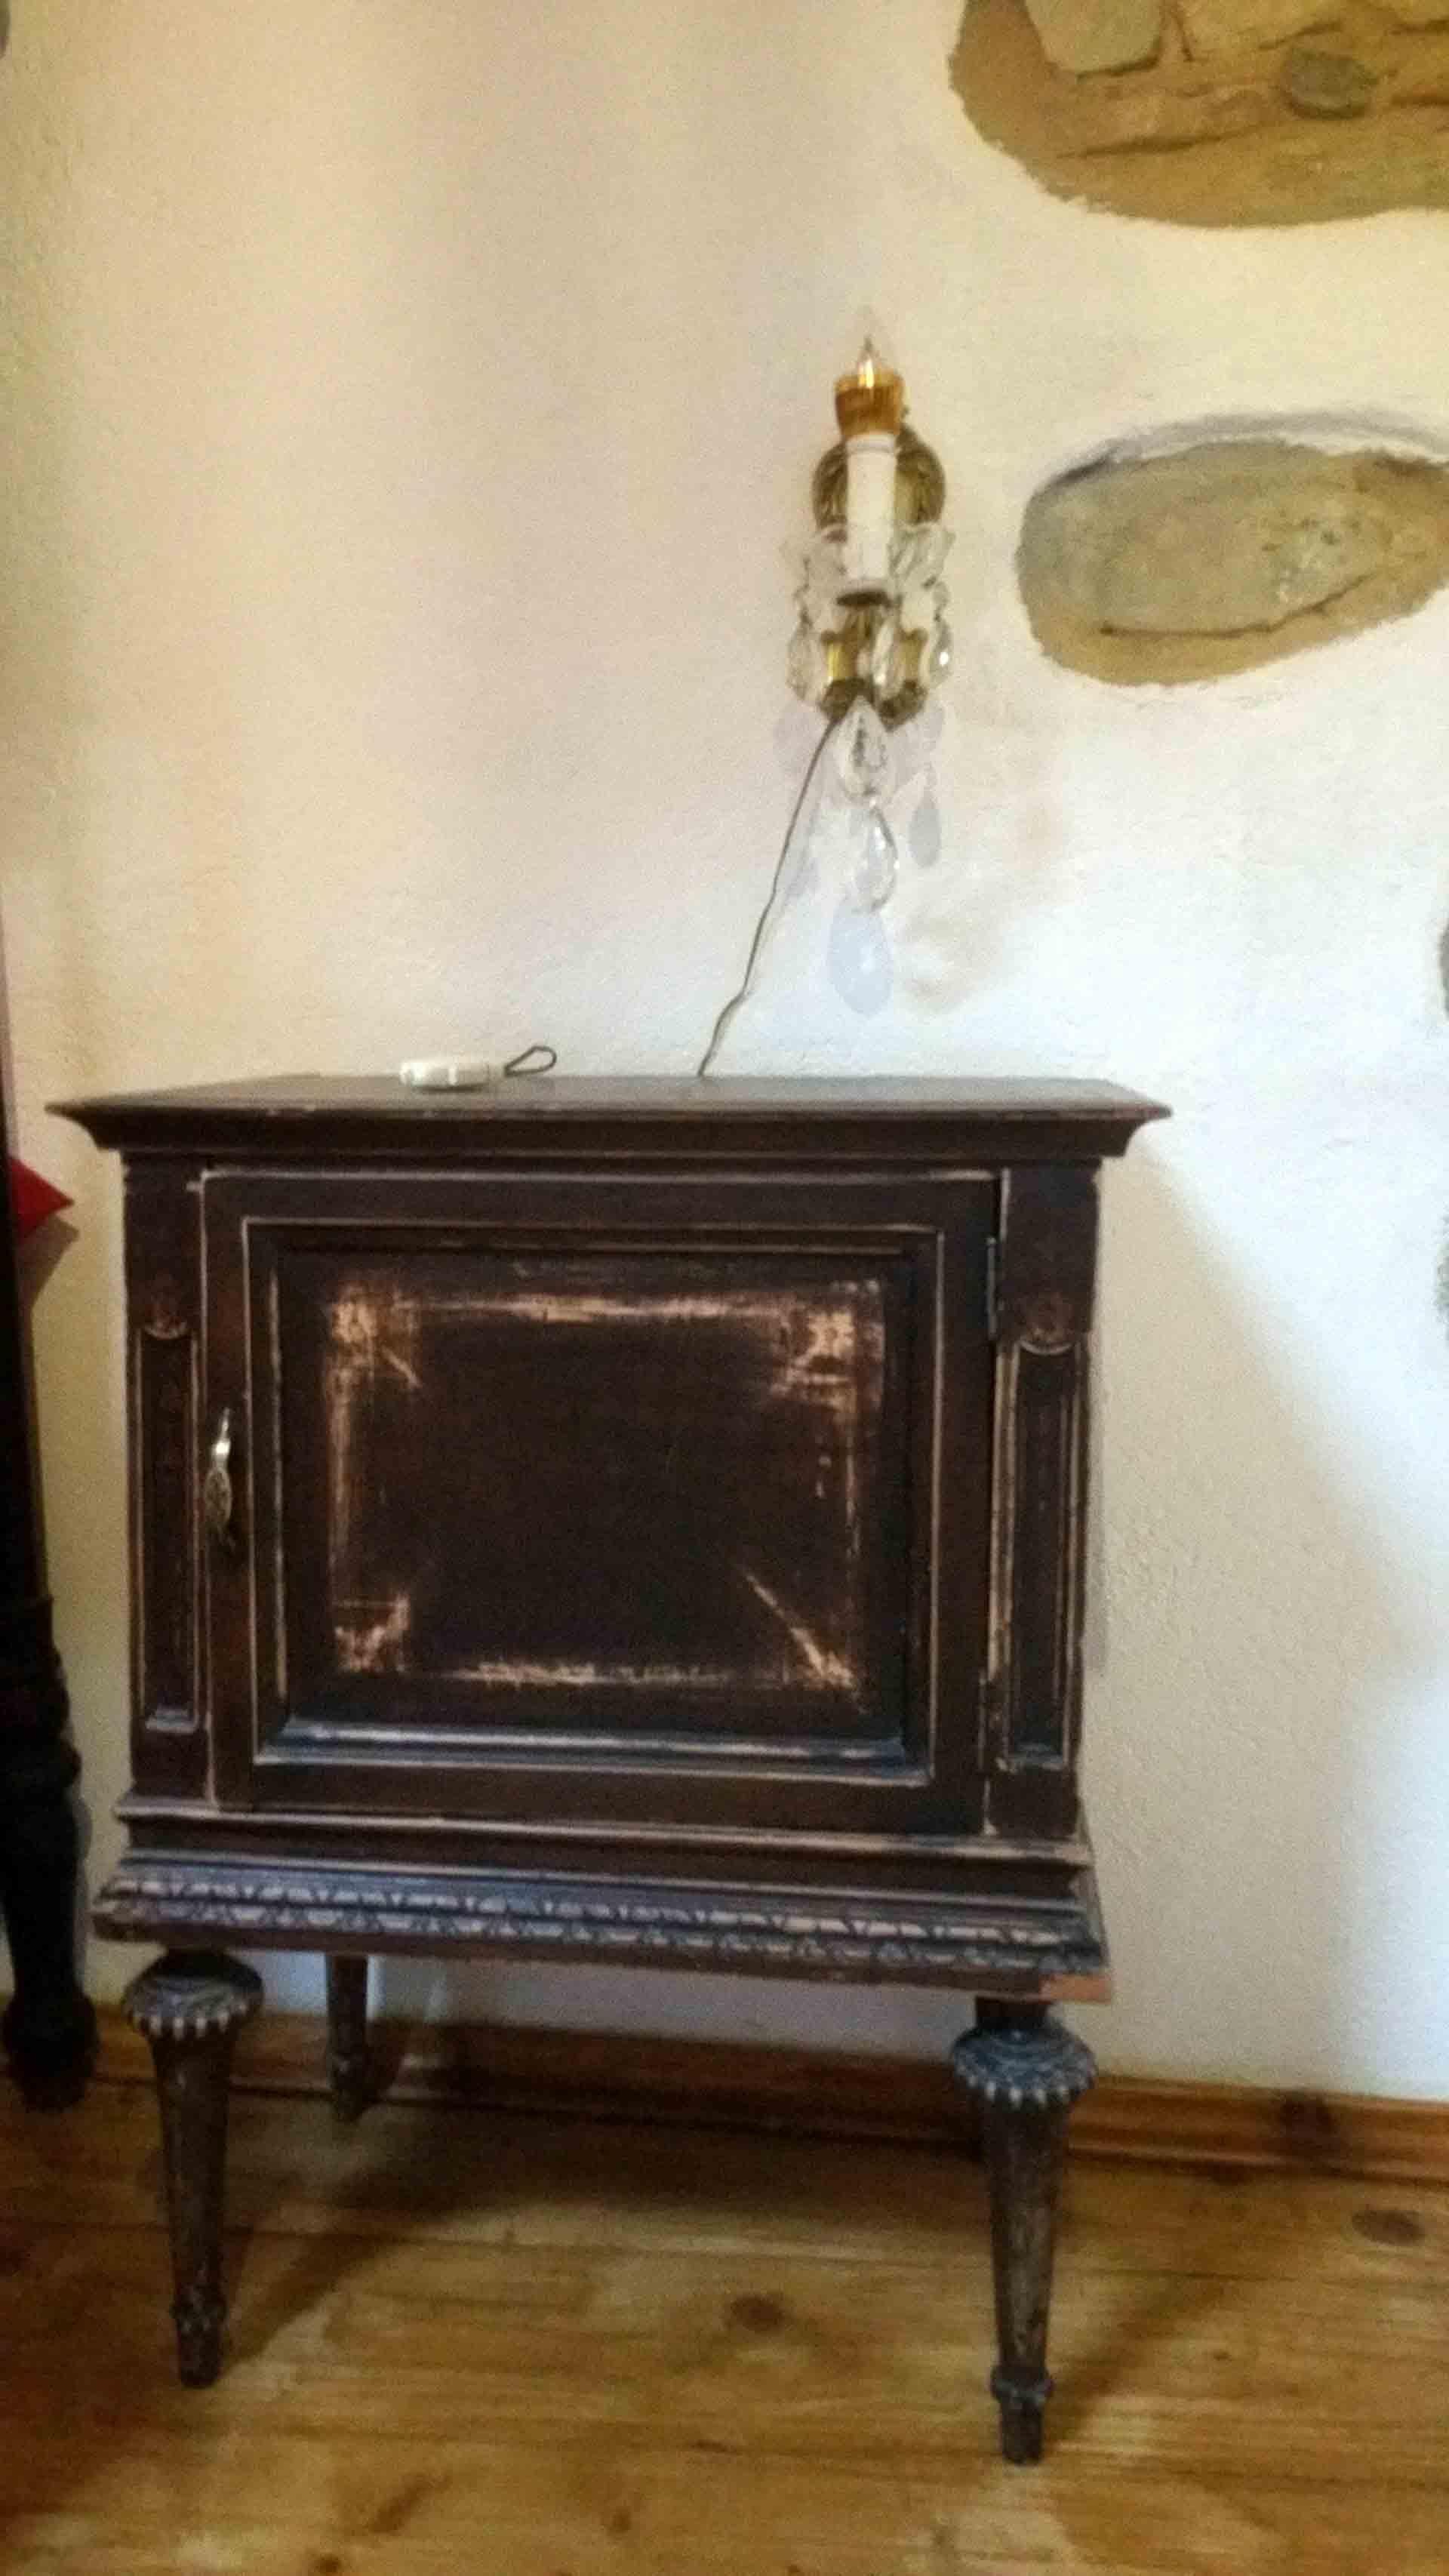 Camera 900 comodino in legno stile nonna rivisitato abatjour B&B & Meditation Center Zorba il Buddha Passerano Marmorito Asti